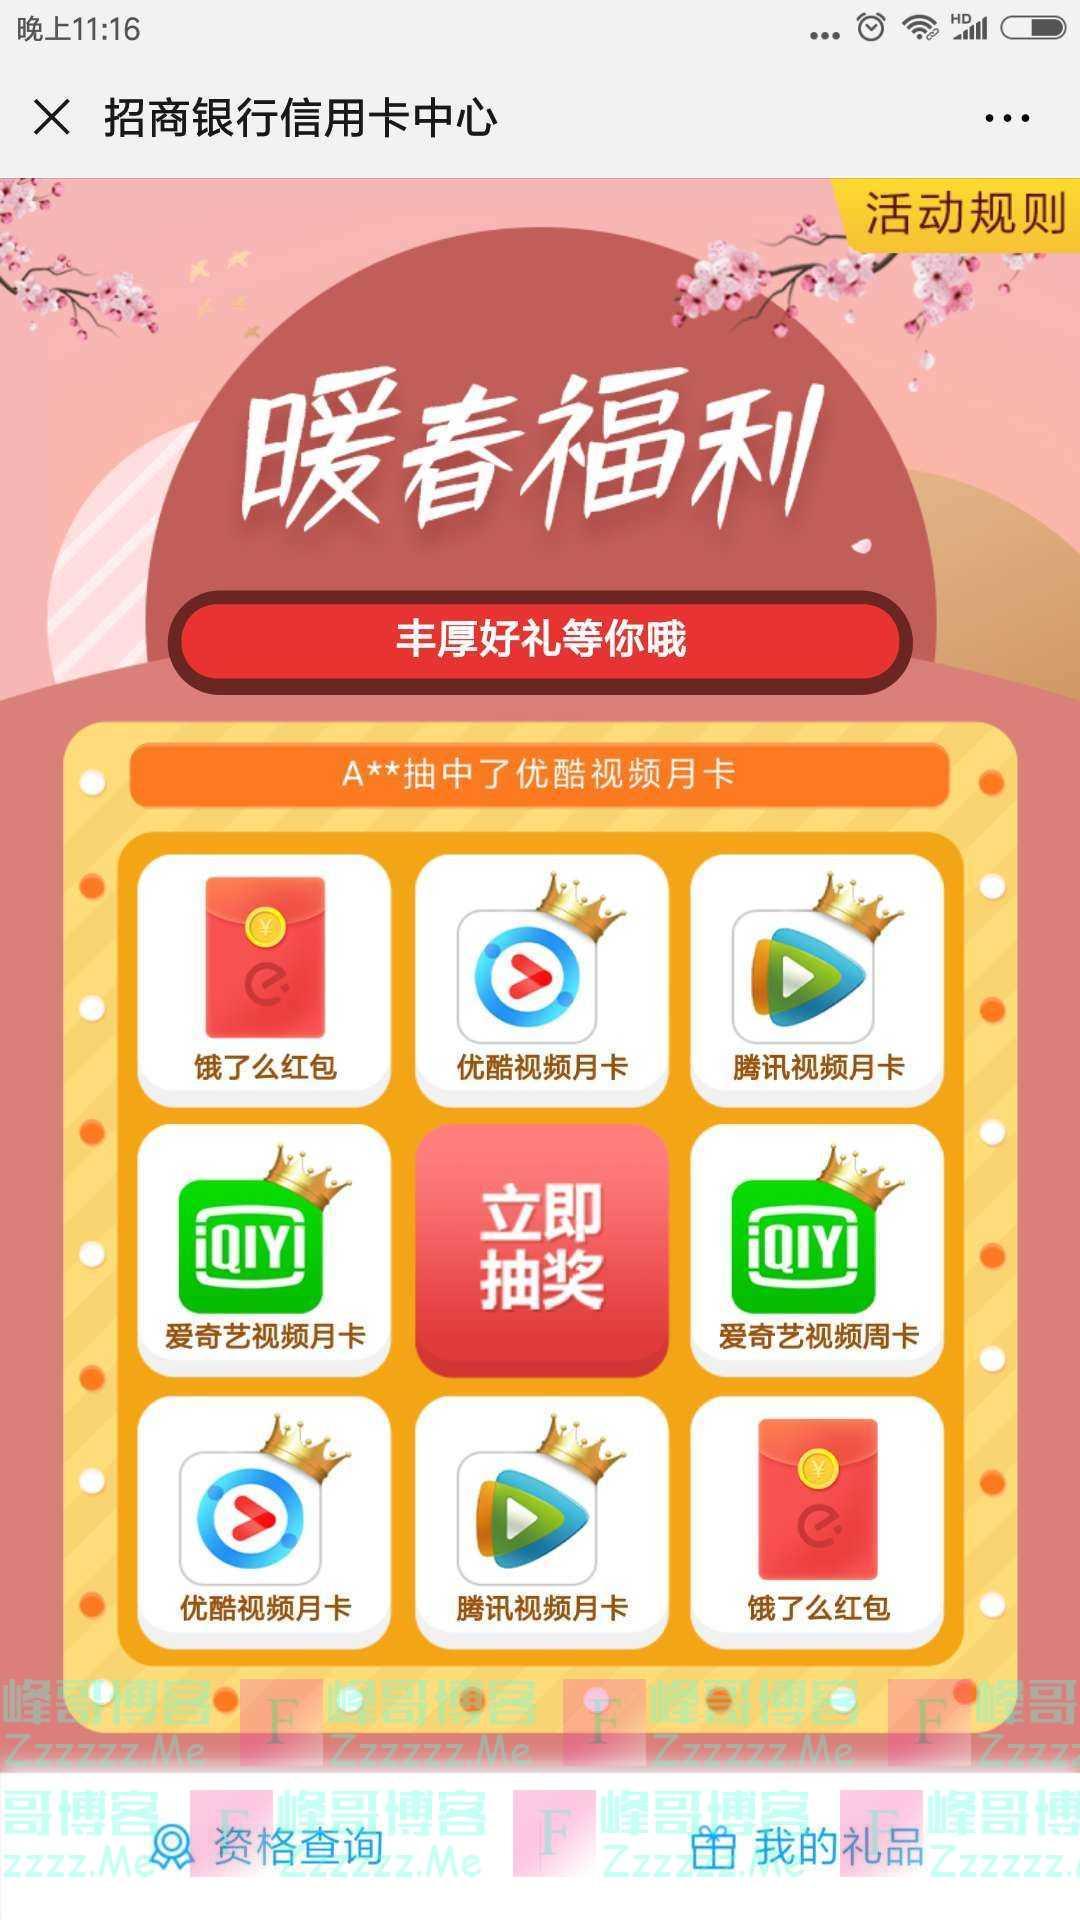 招行xing/用卡暖春福利(3月31日截止)